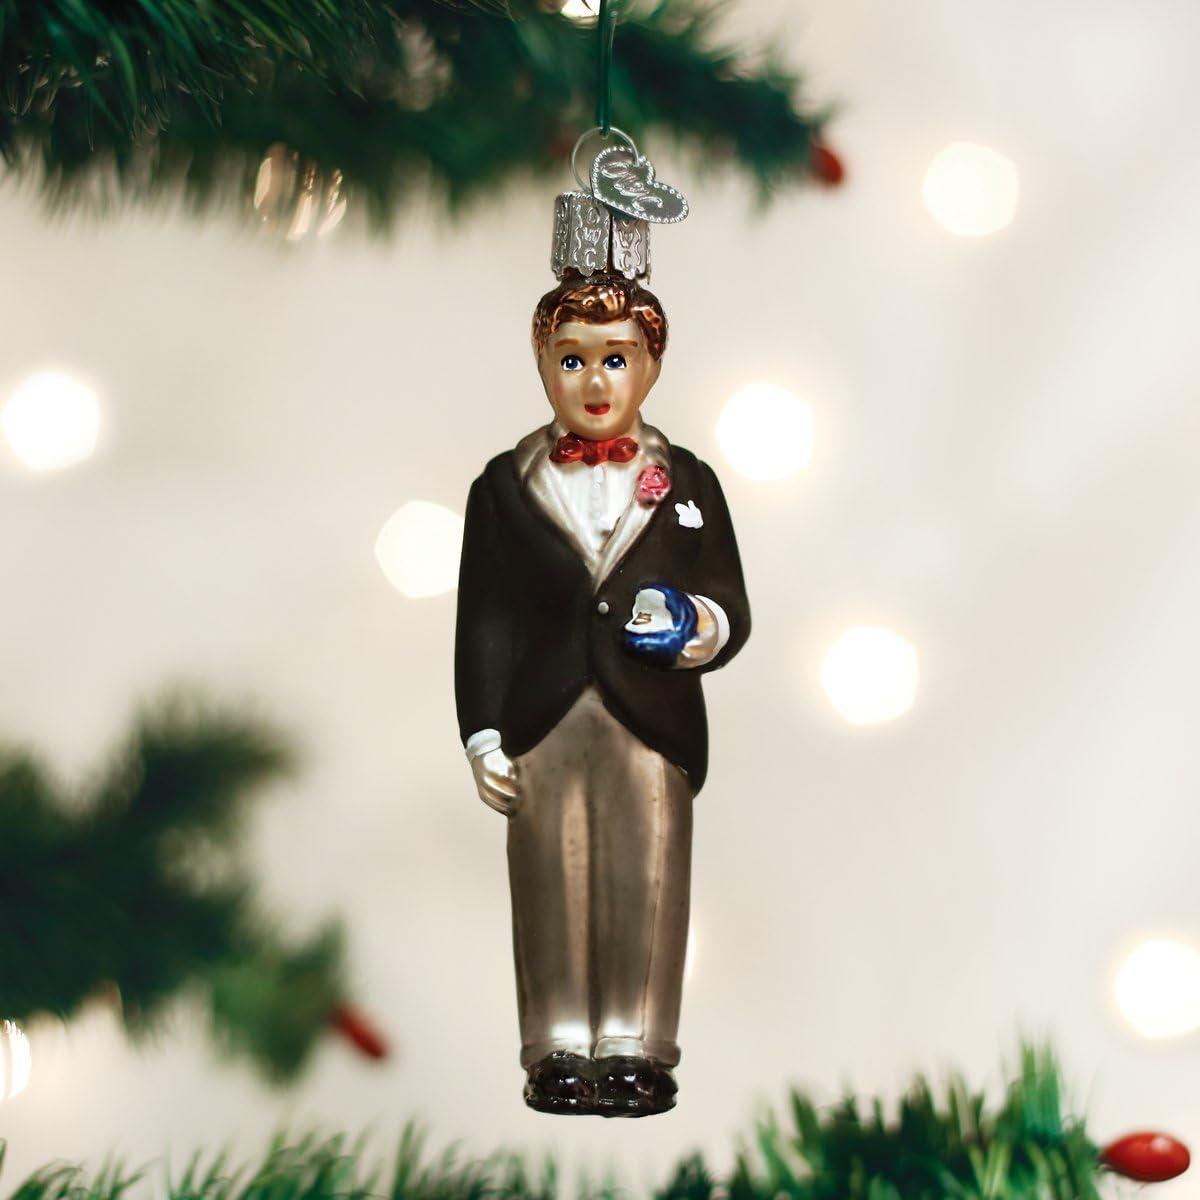 Braut und Br/äutigam Old World Christbaumschmuck Glas geblasene Ornamente f/ür Weihnachtsbaum Bridal Couple Standard Multi